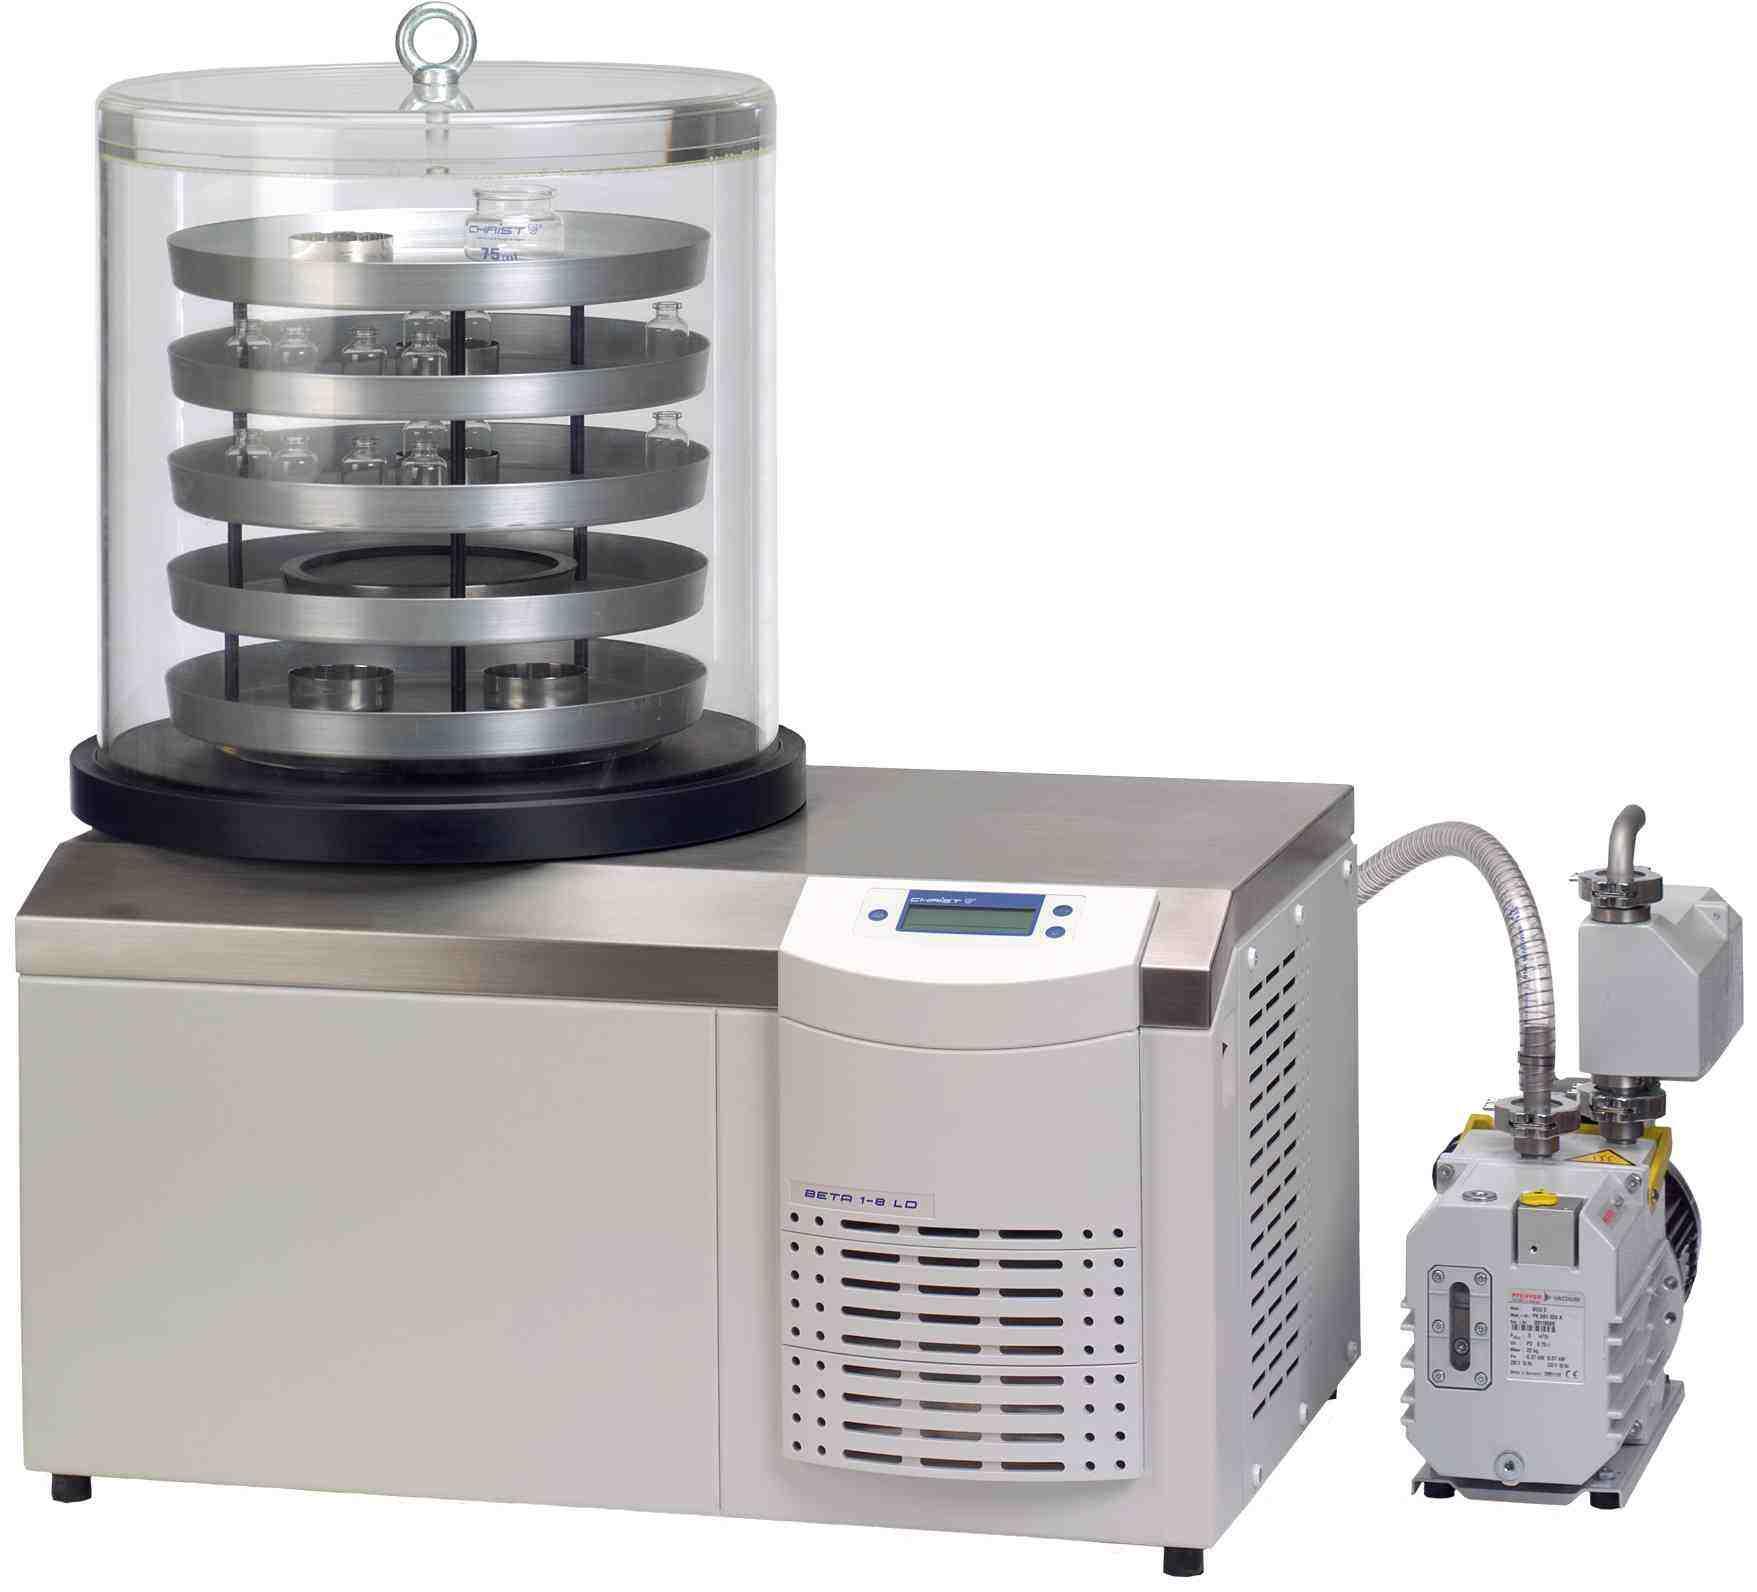 二手冻干机、颗粒机、压片机、捏合机、粉碎机回收